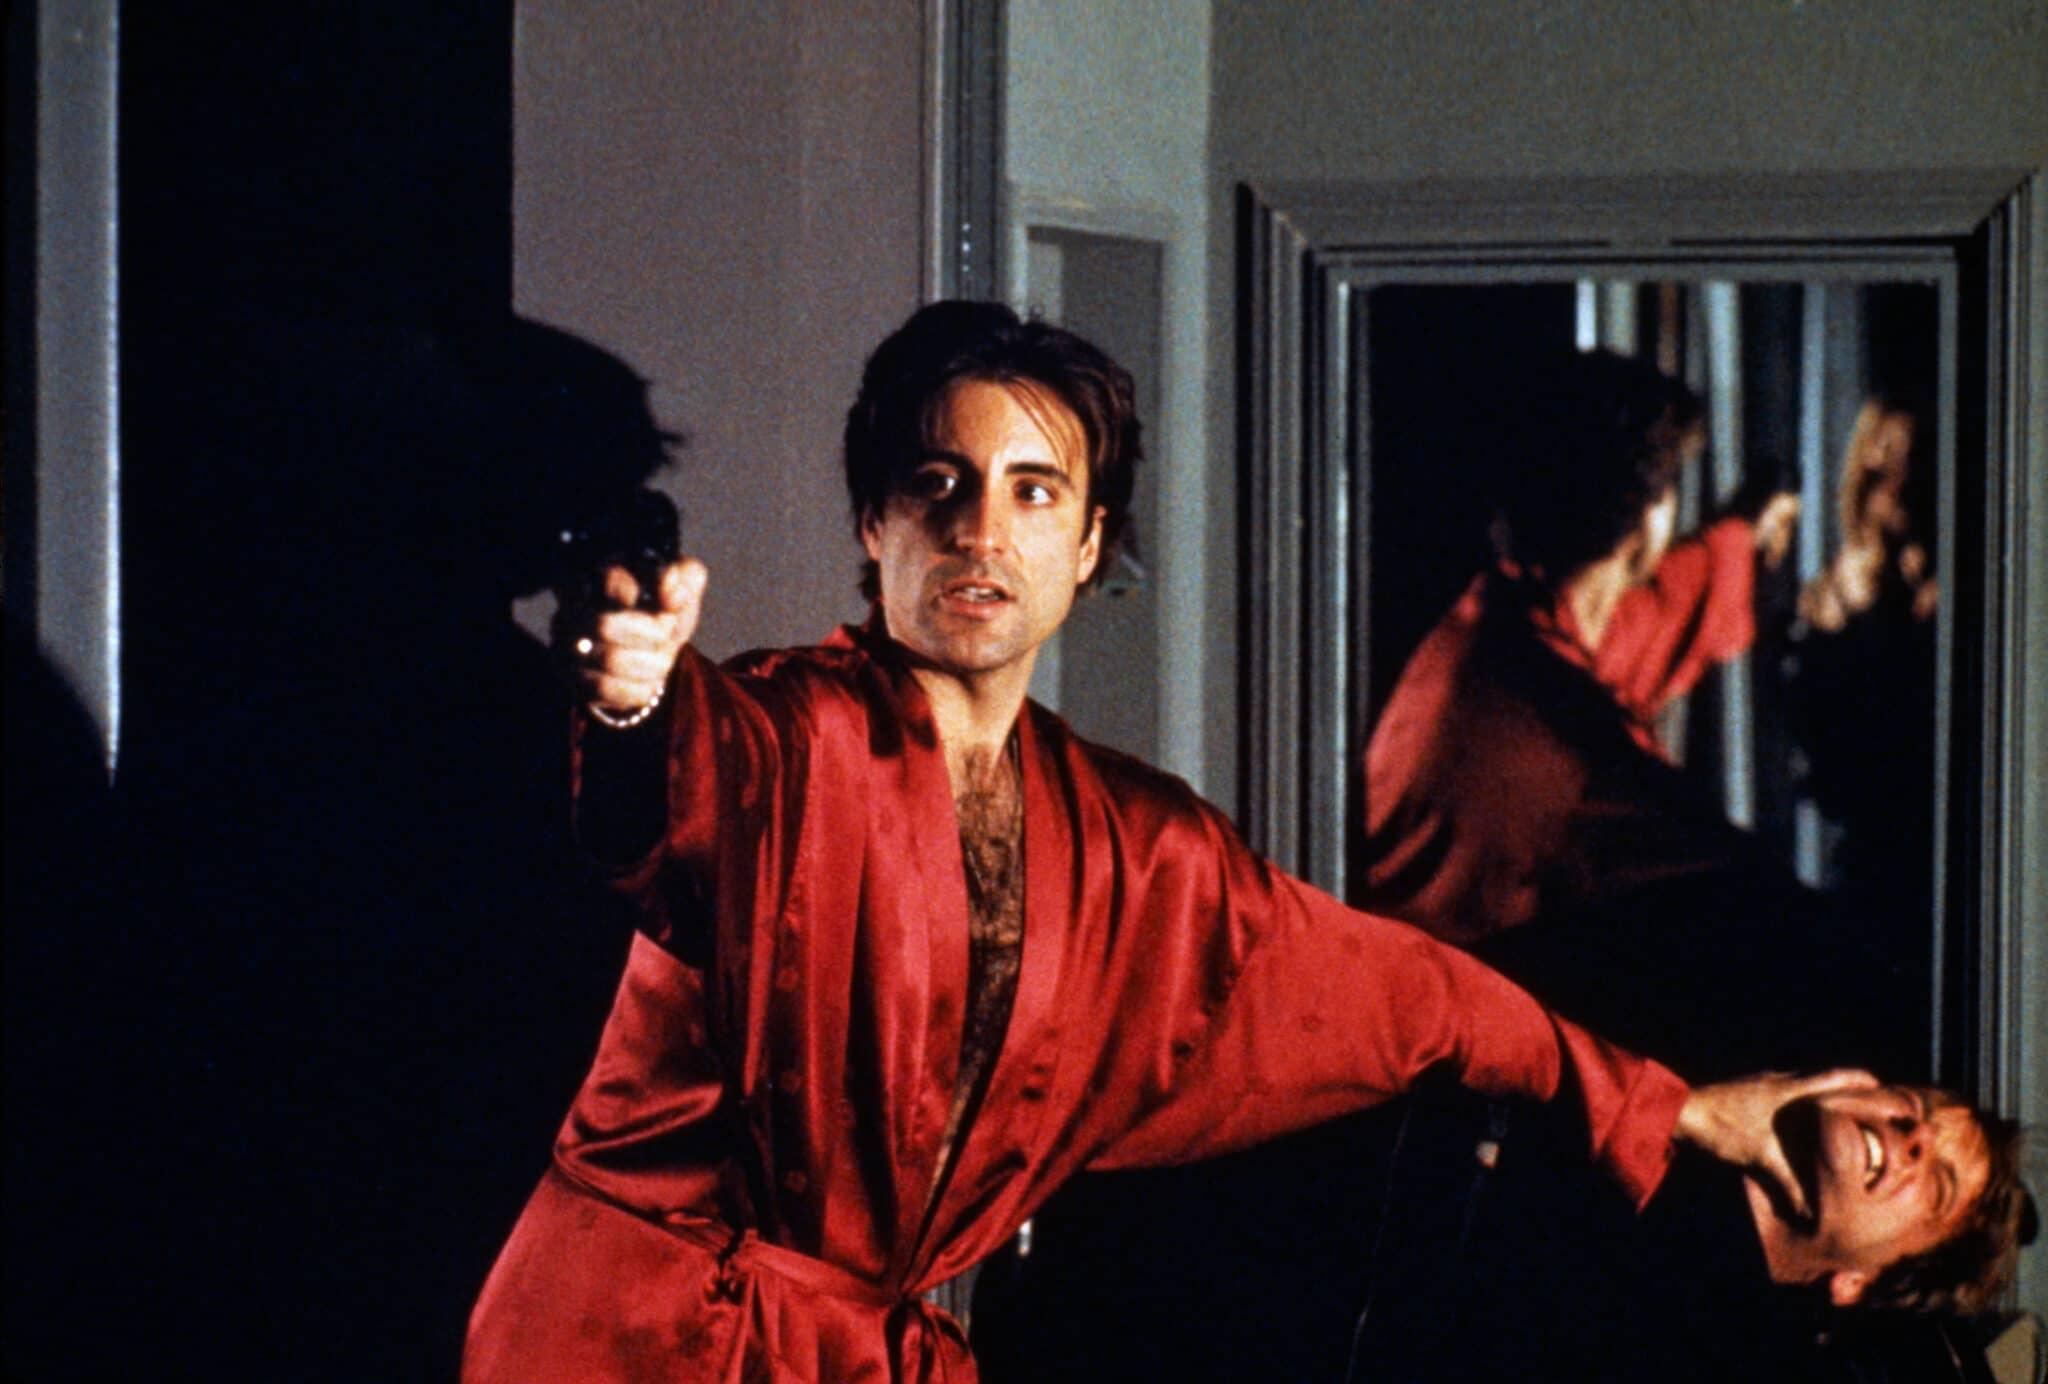 Andy Garcia trägt in Der Pate Epilog einen roten Morgenmantel. Er drückt einen Angreifer zu Boden und richtet seine Waffe auf eine zweite Person.